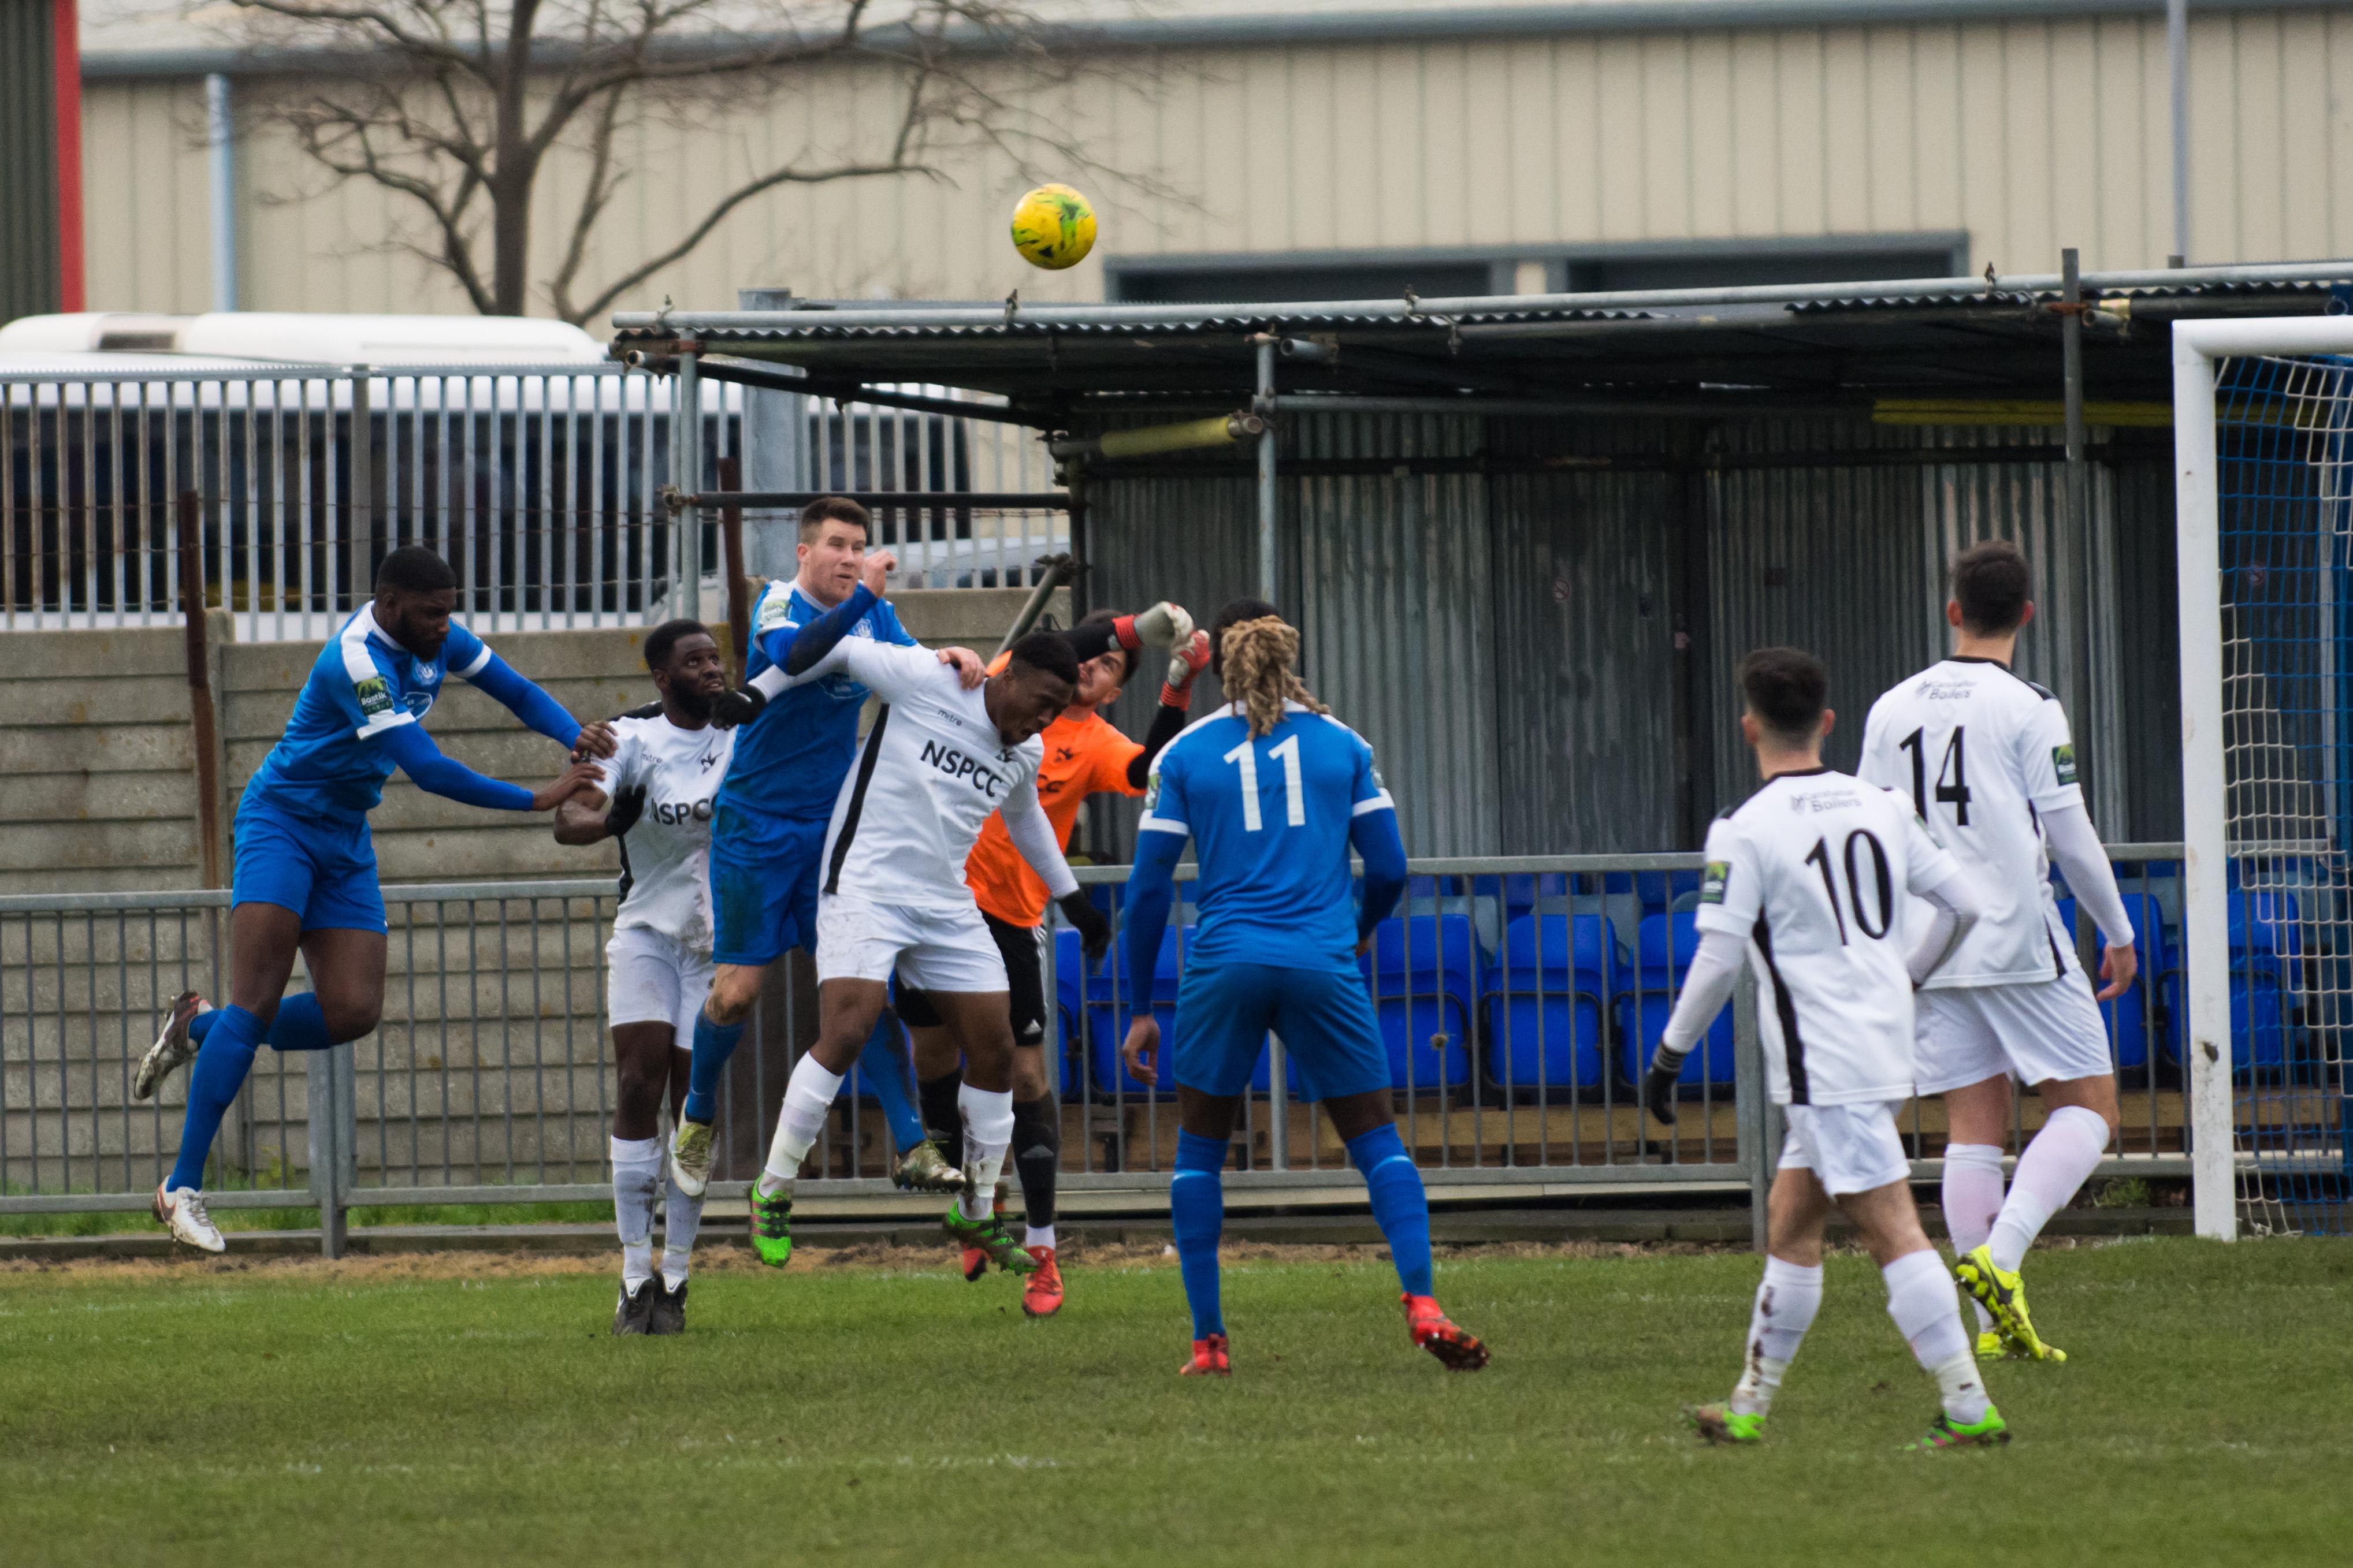 Shoreham FC vs Carshalton Ath 23.12.17 67